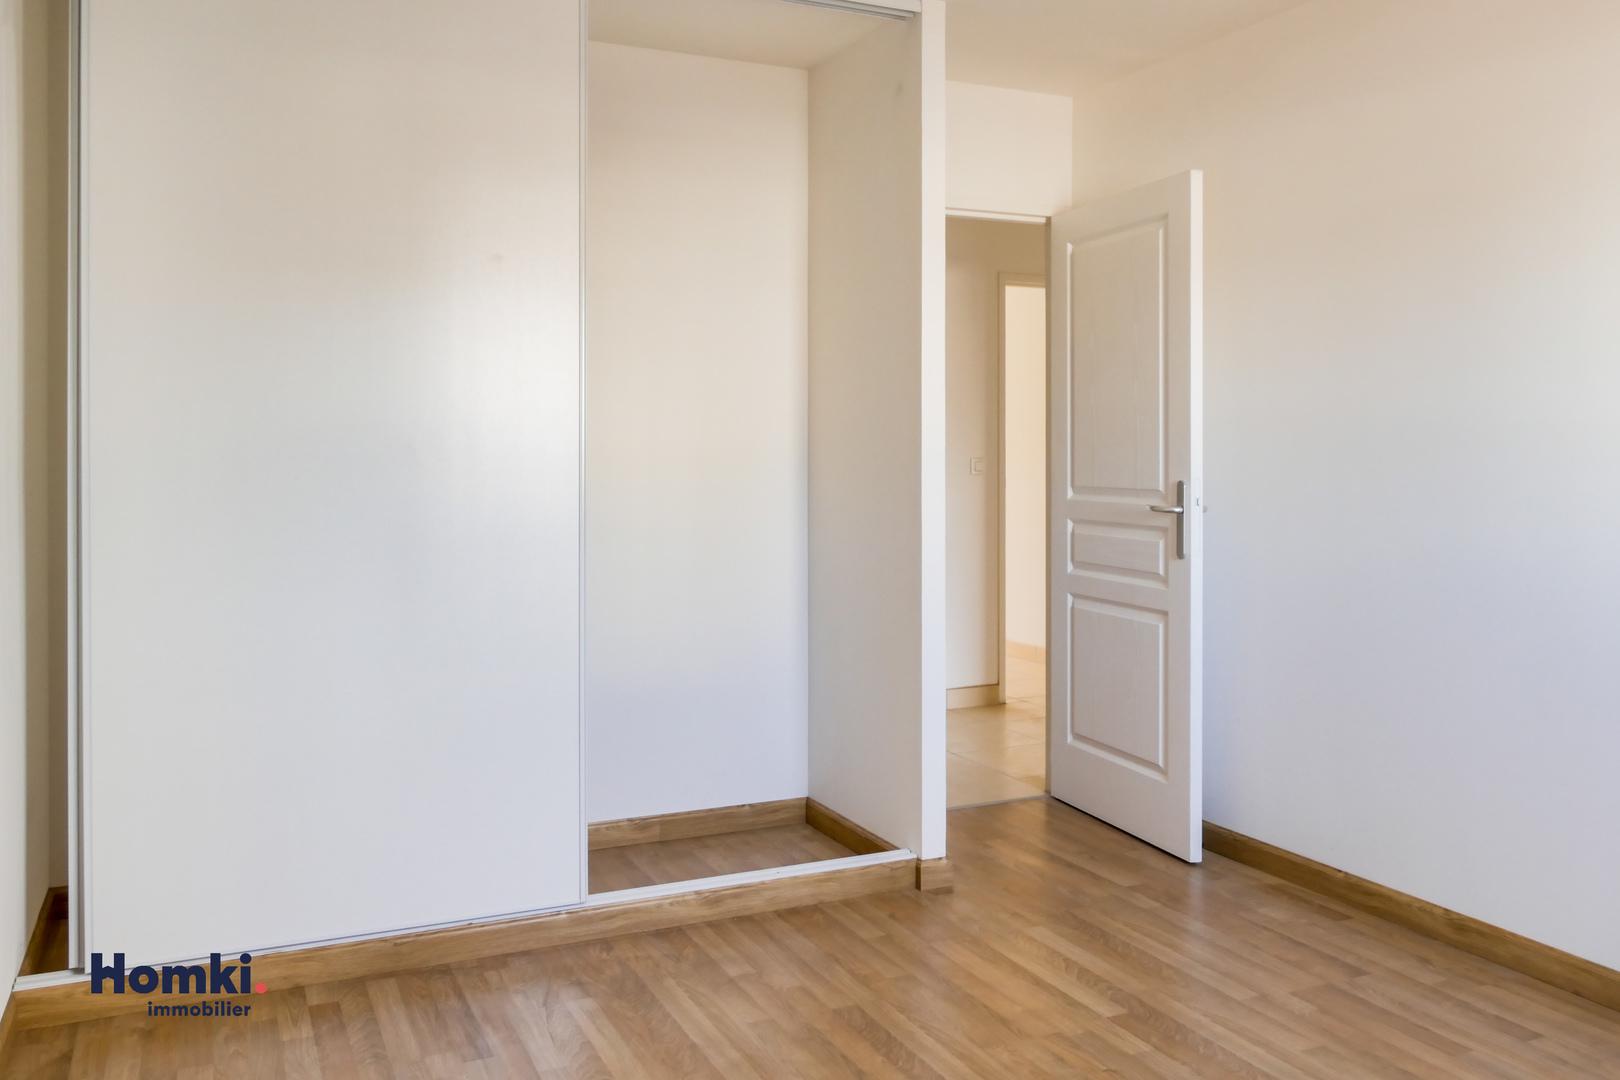 Vente appartement 87m² T3 42100_7